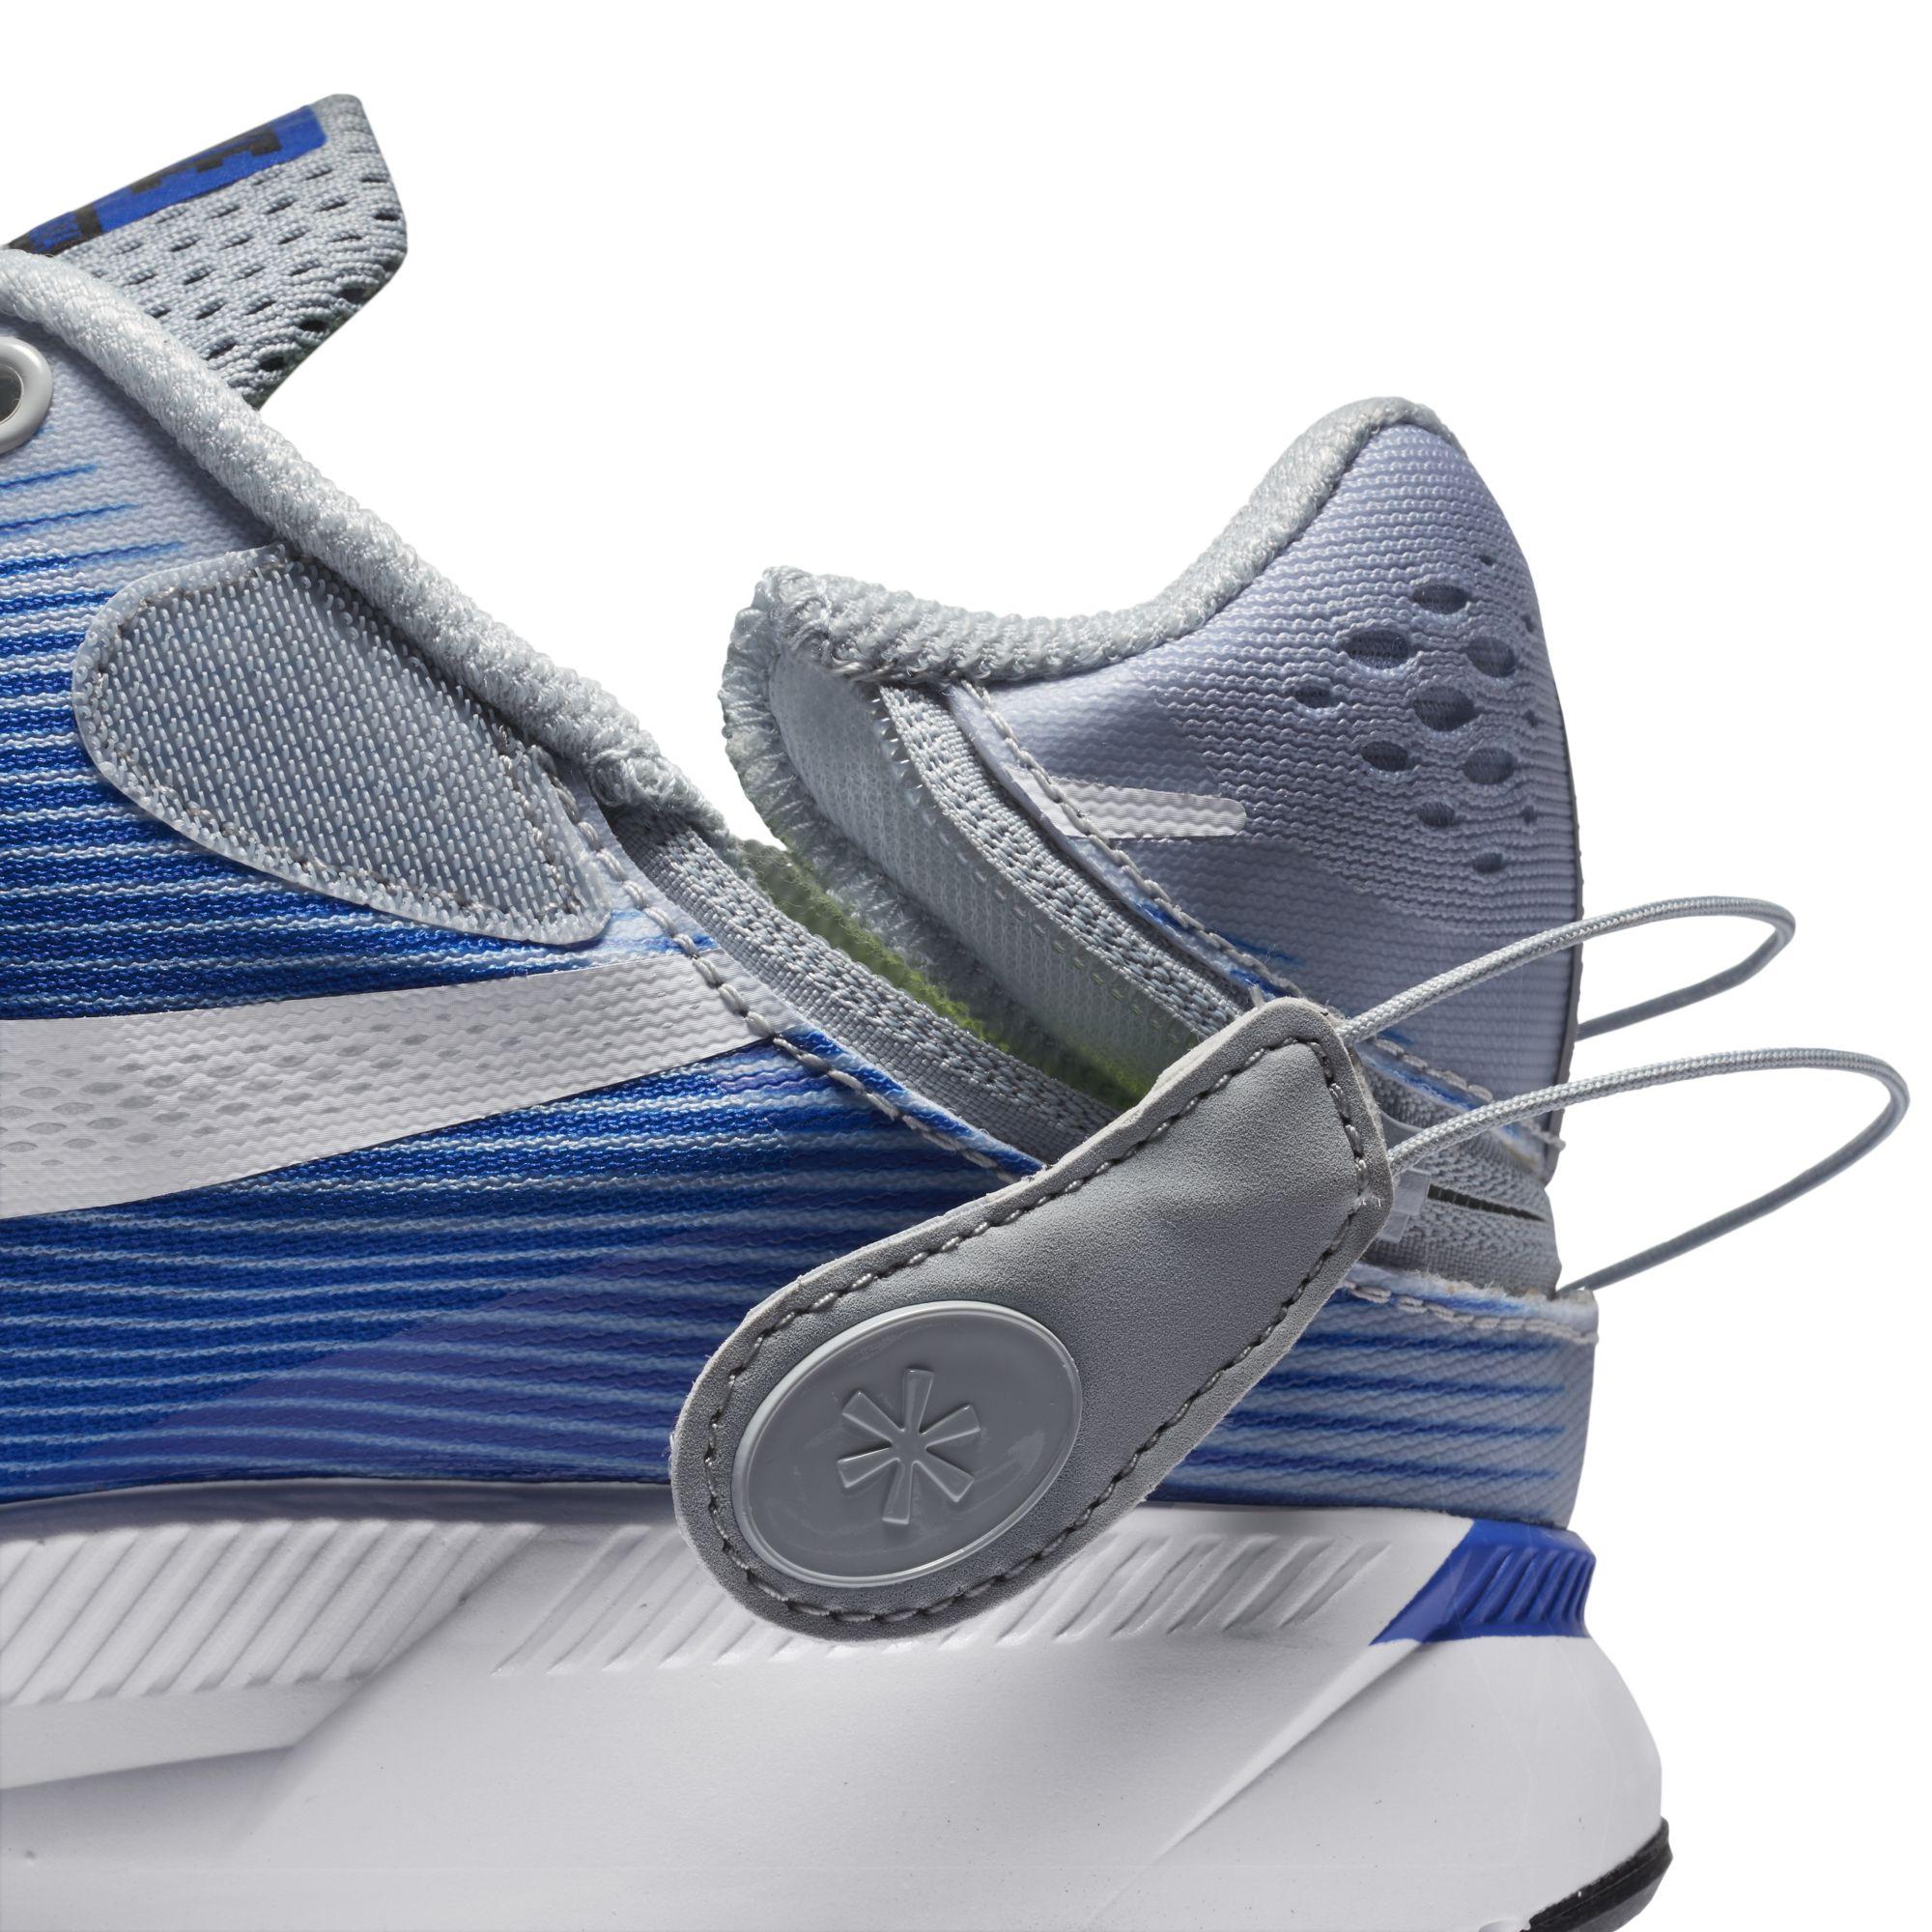 Nike Air Zoom Pegasus 34 Flyease 1